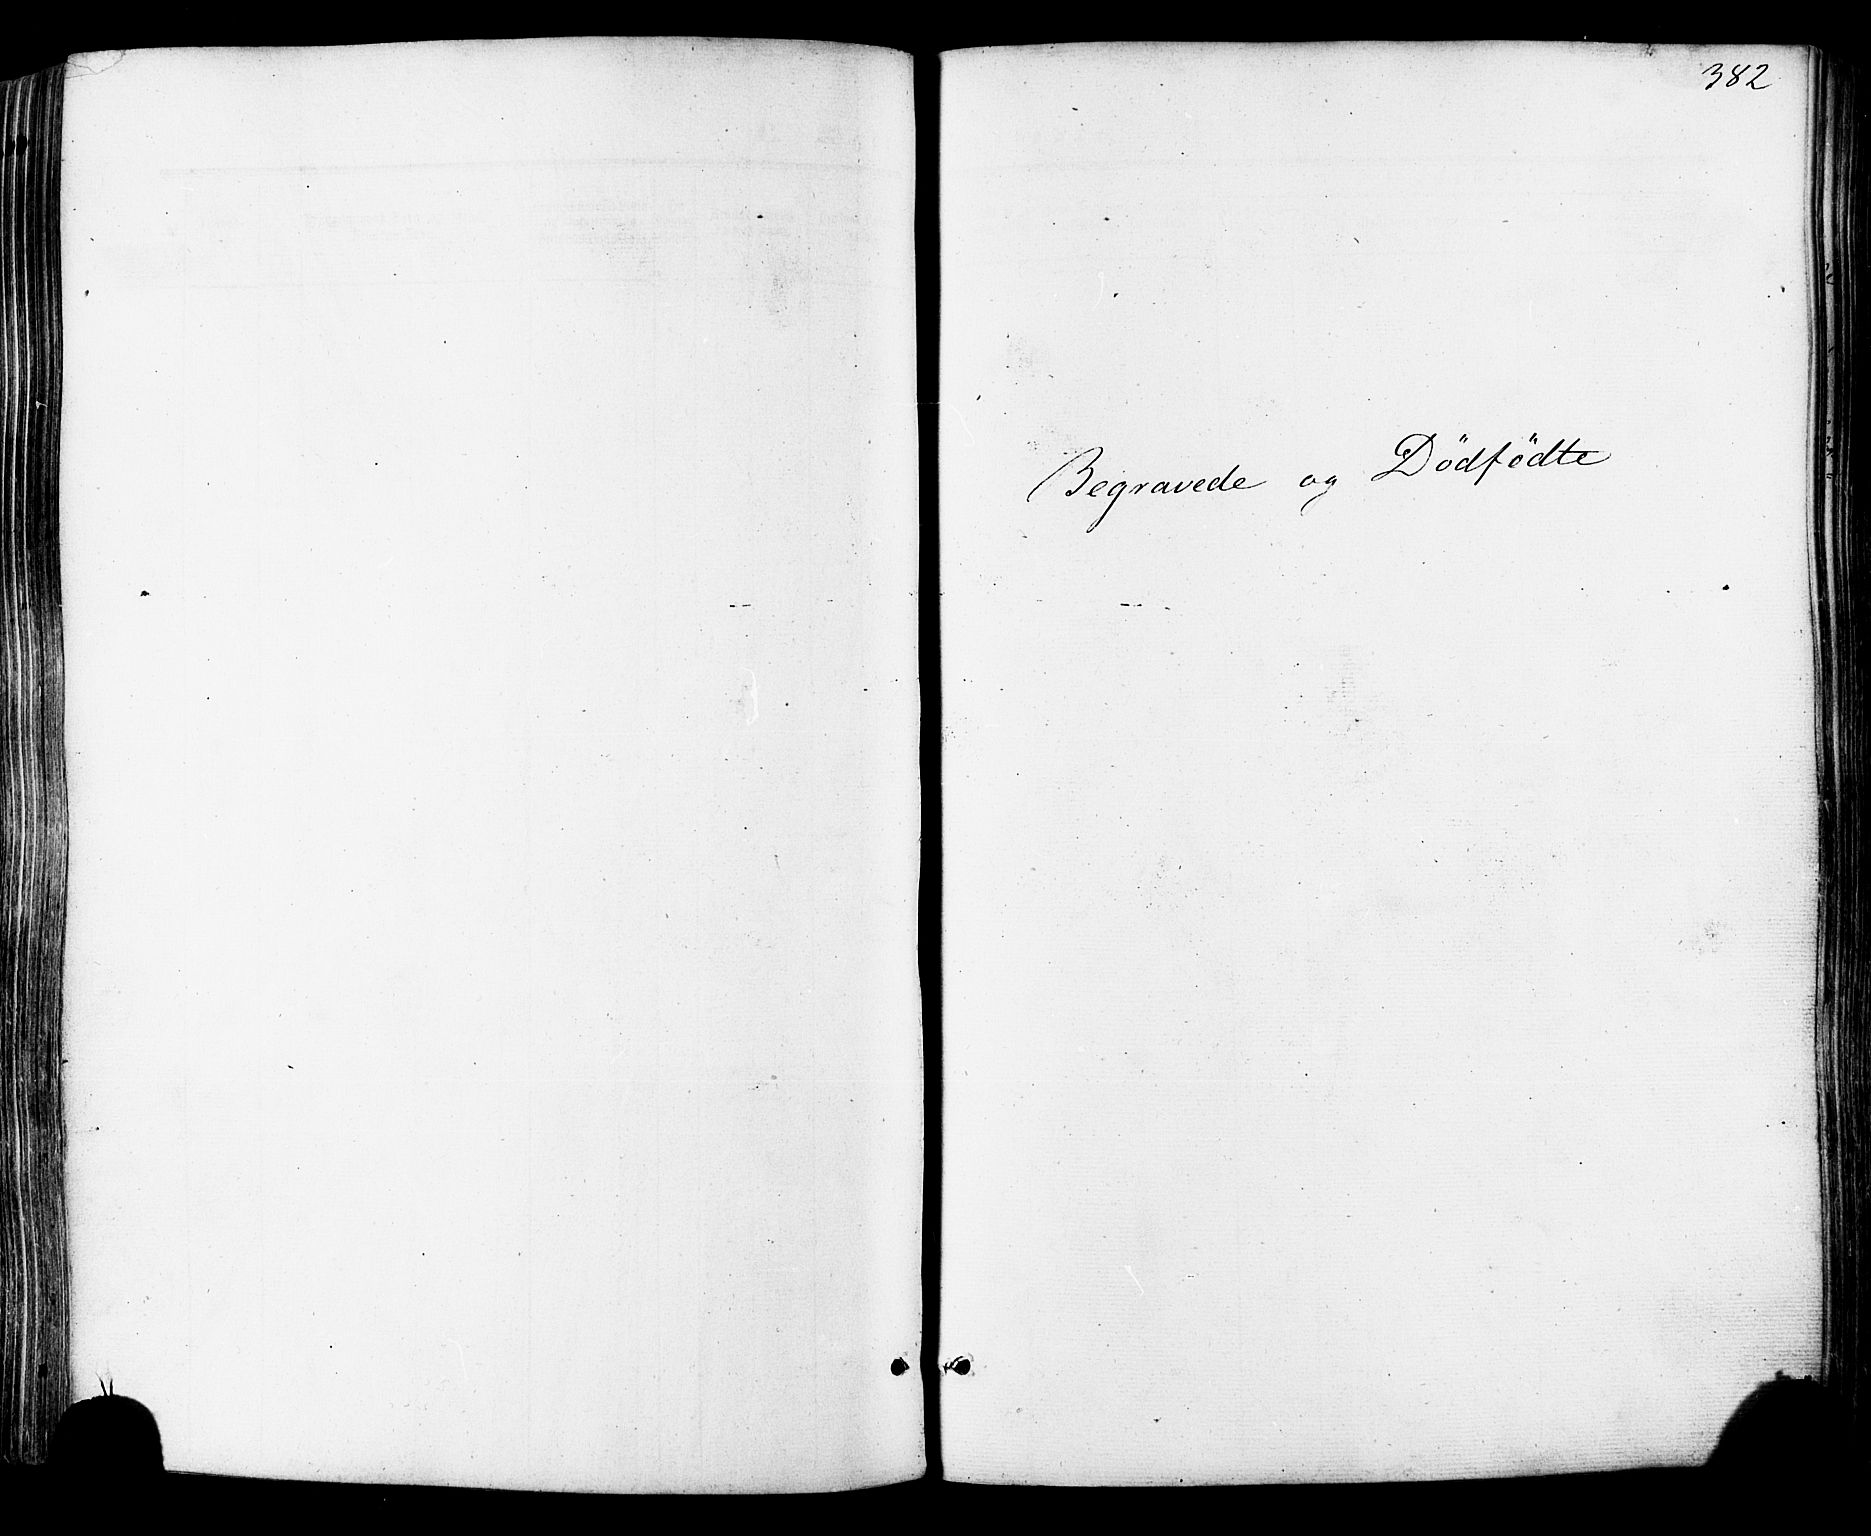 SAT, Ministerialprotokoller, klokkerbøker og fødselsregistre - Sør-Trøndelag, 681/L0932: Ministerialbok nr. 681A10, 1860-1878, s. 382